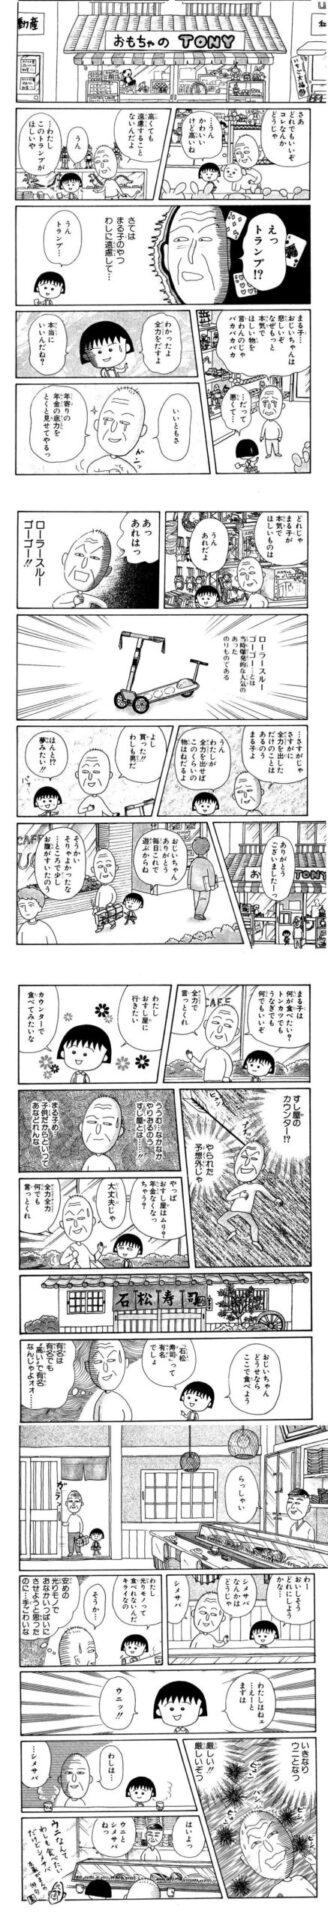 【年金の全力】ちびまる子ちゃんが寿司屋に行く回がガチで面白過ぎる件